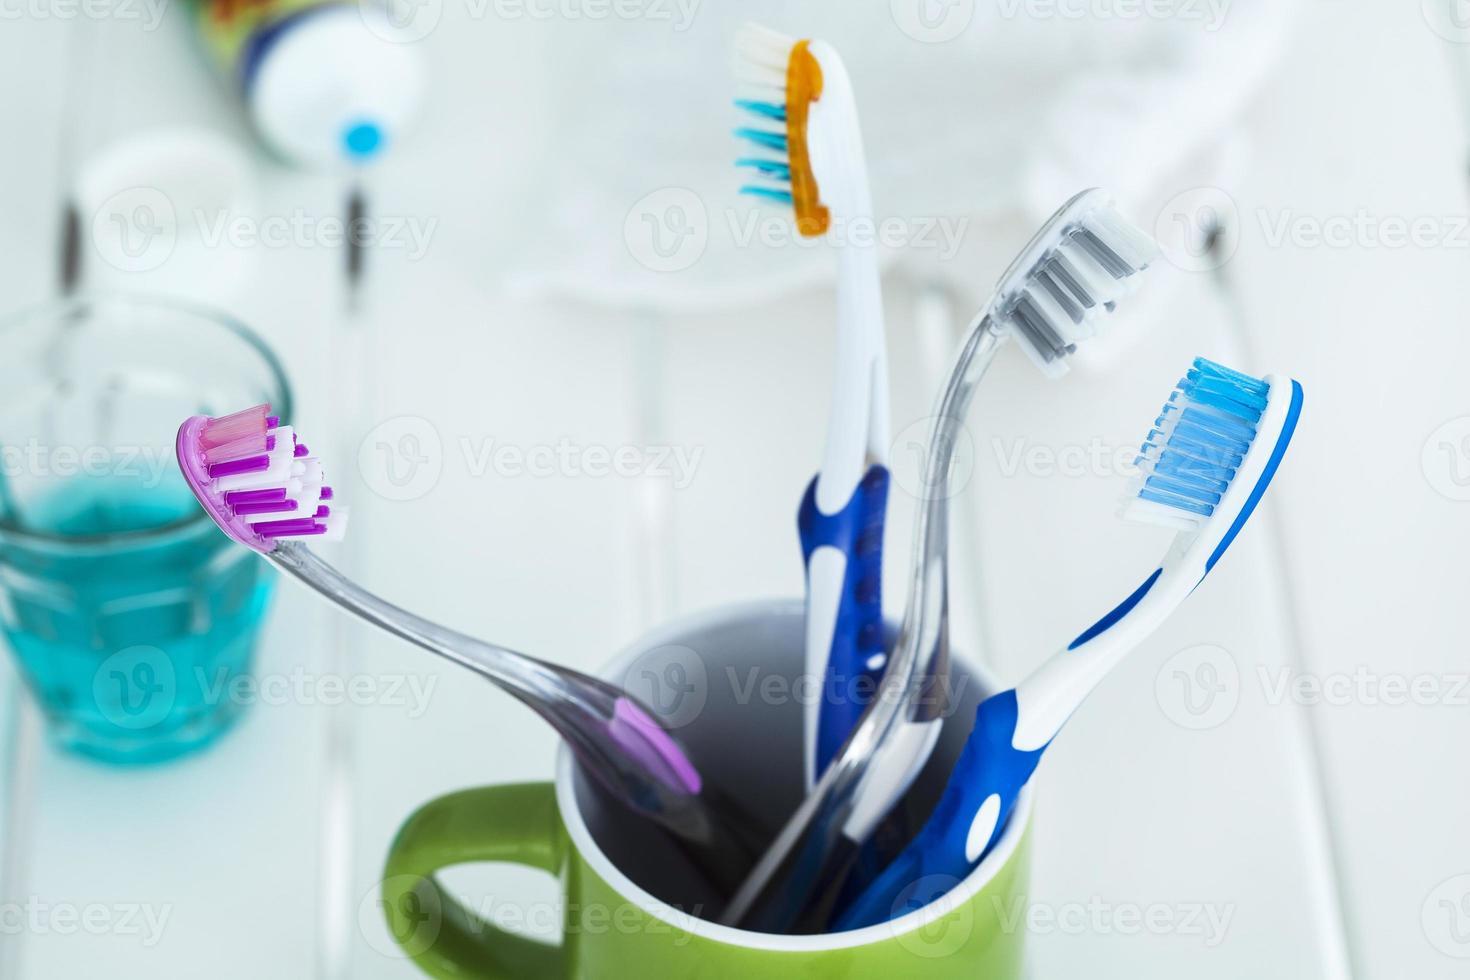 Brosses à dents en verre sur table photo